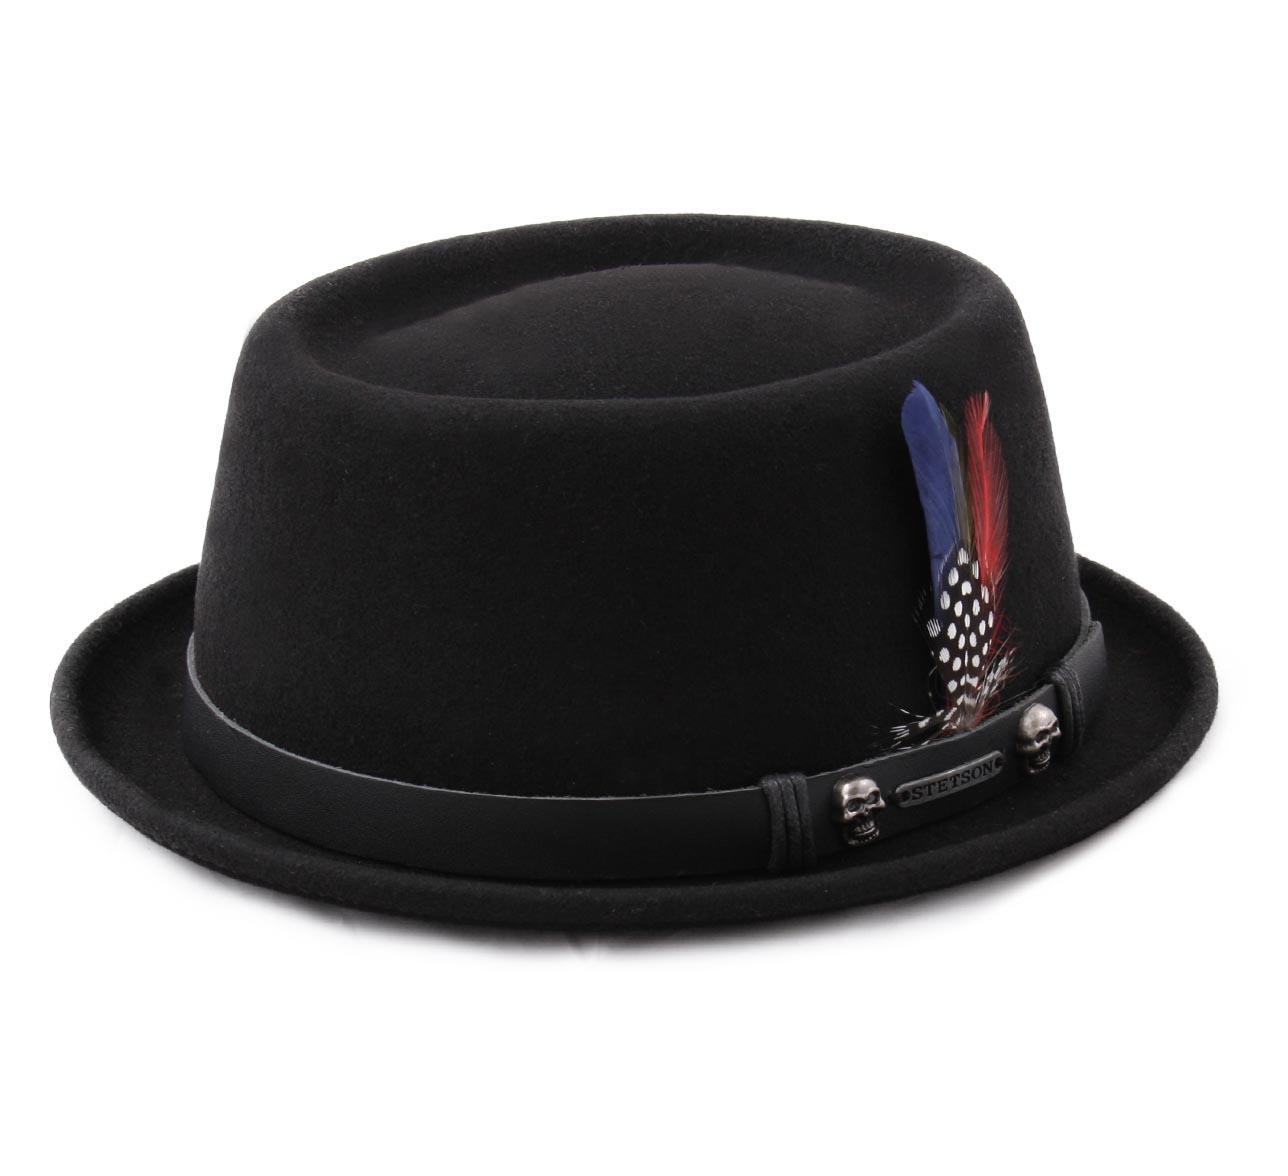 e81e2a89120 Pork Pie Woolfelt - Hats Stetson